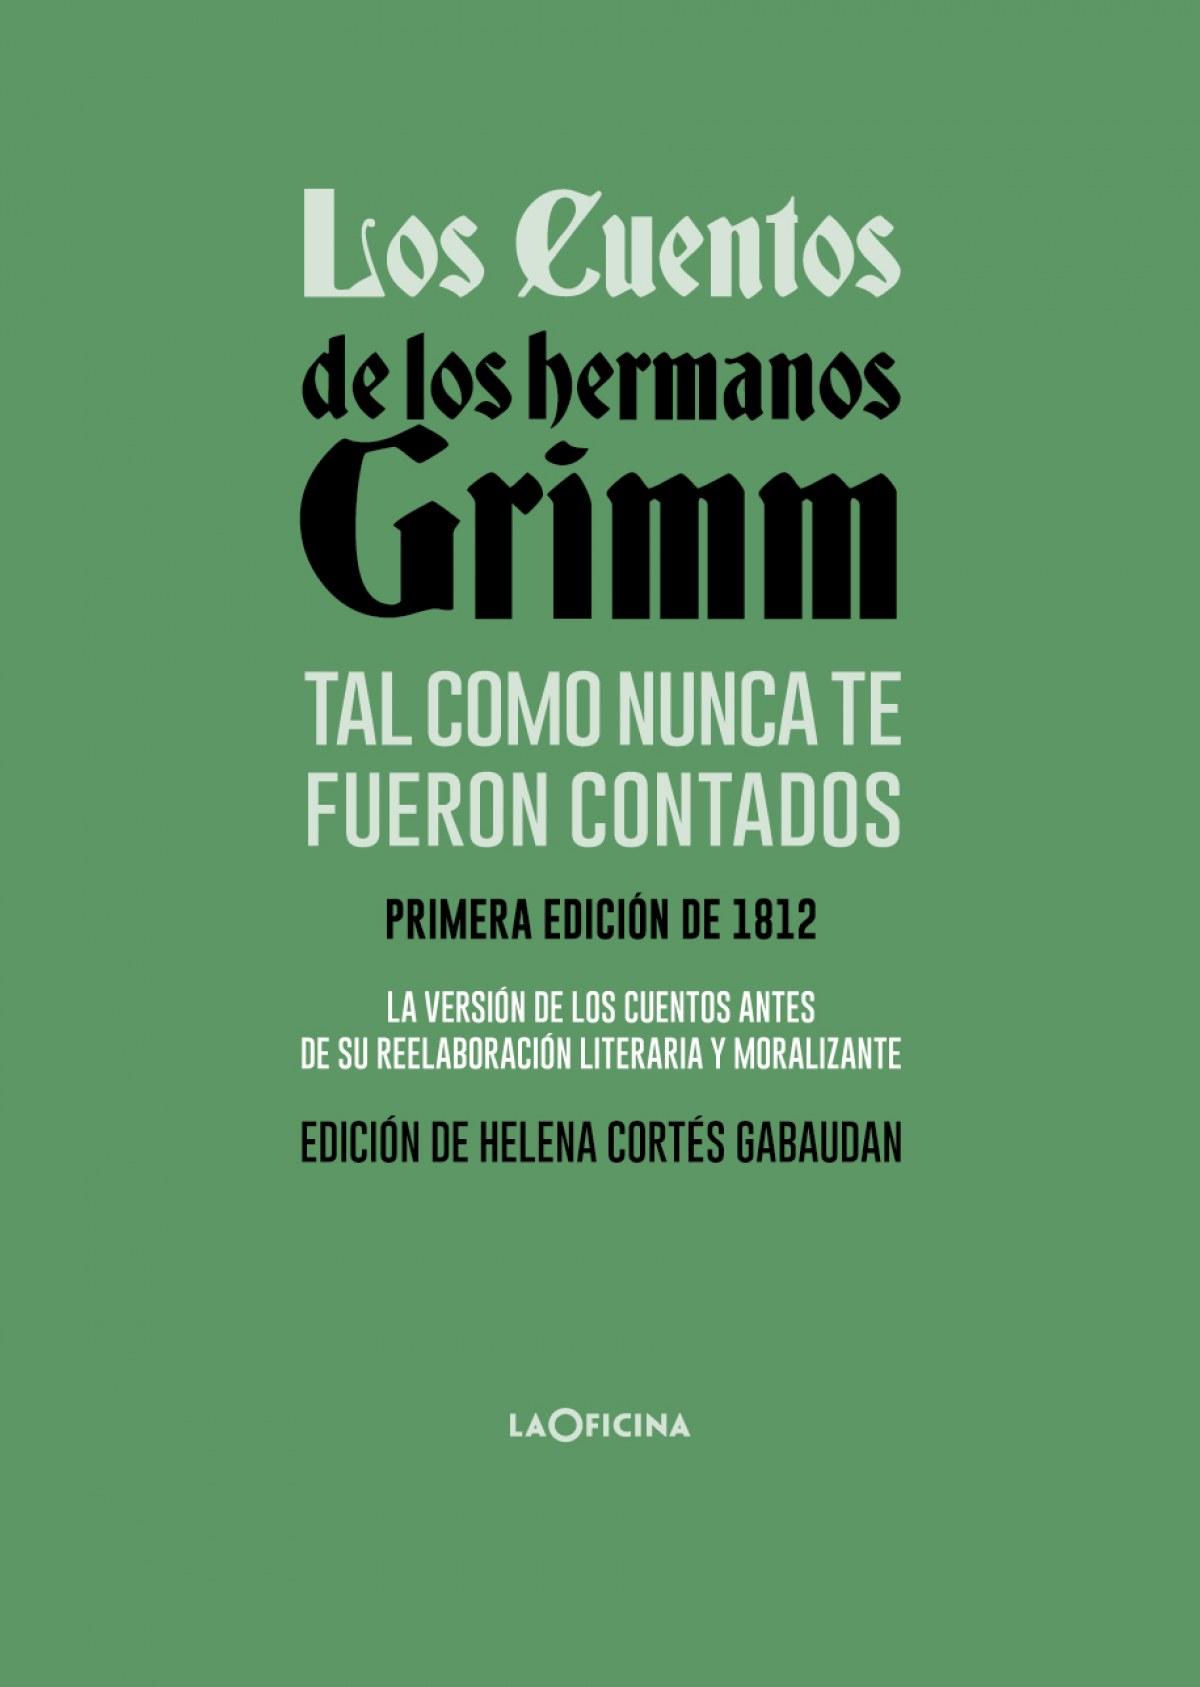 Los cuentos de los hermanos Grimm tal como nunca te fueron contad